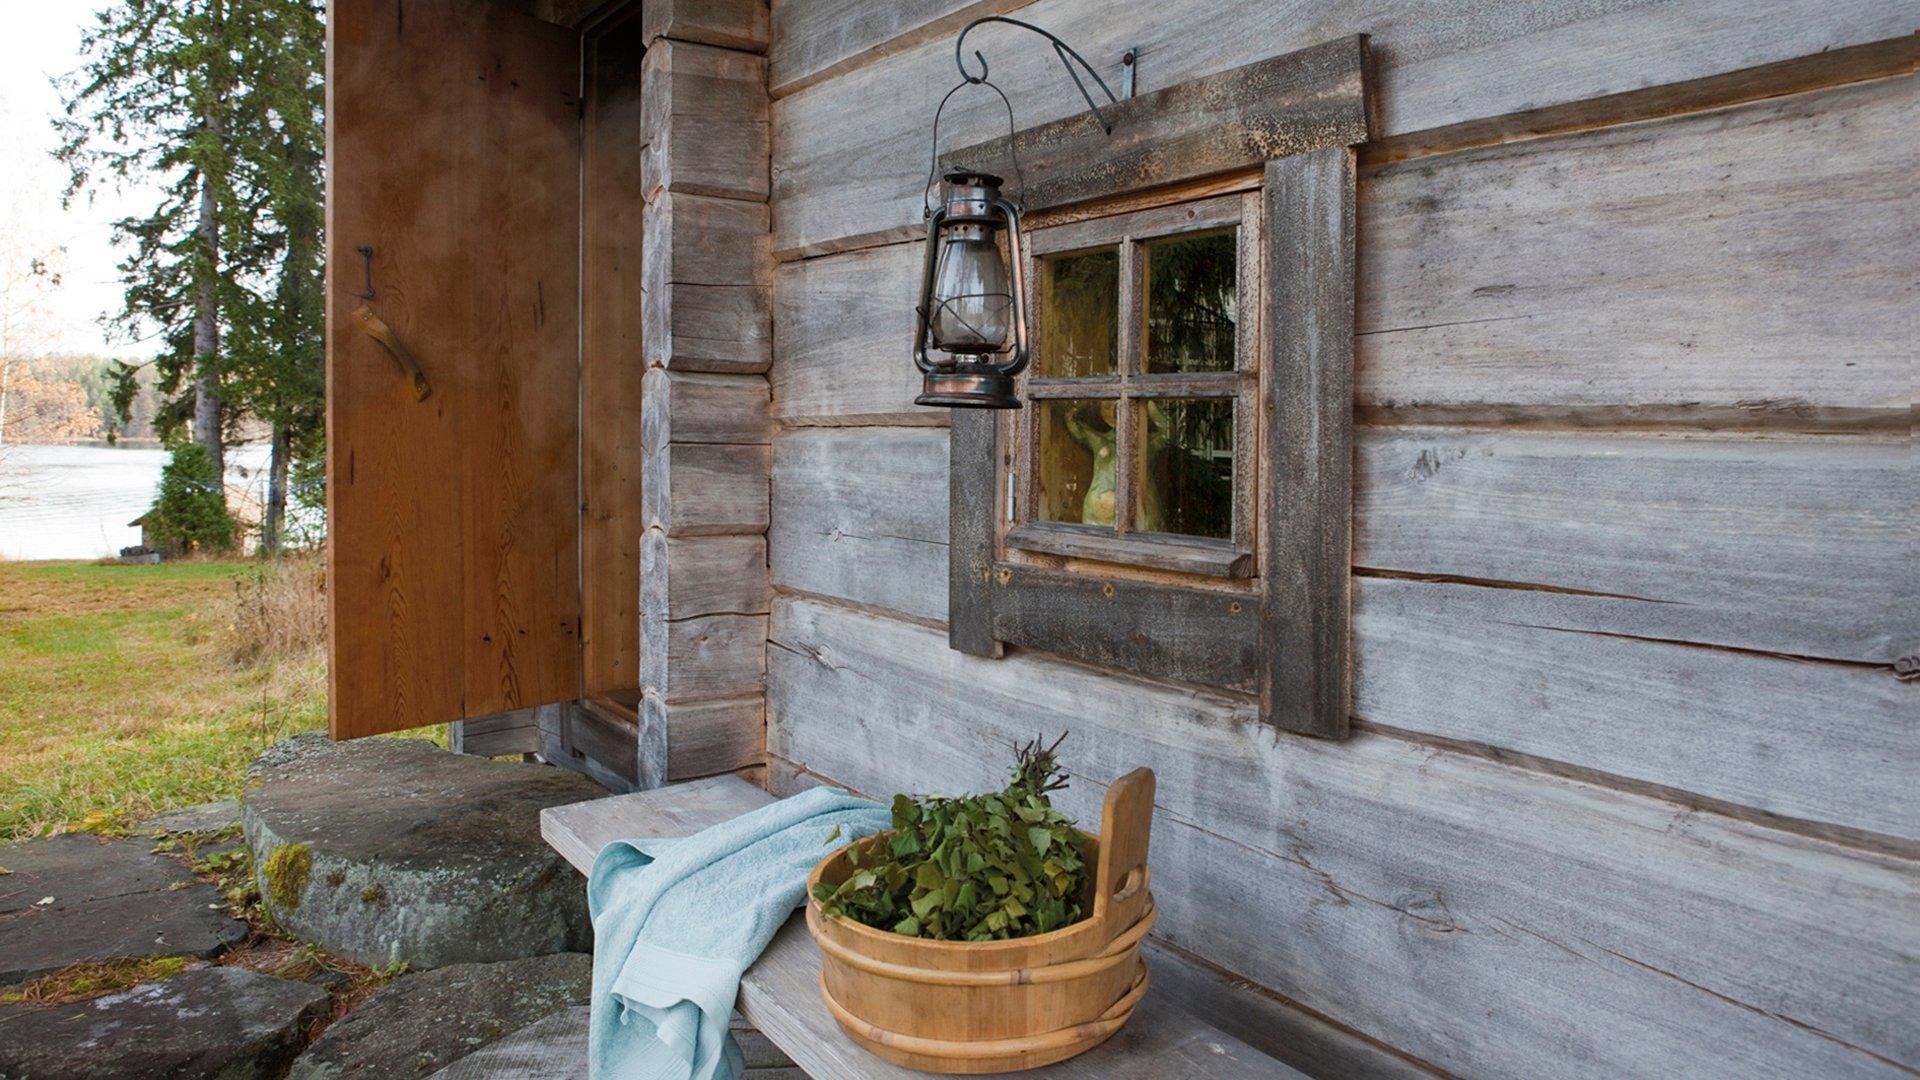 ELO_sauna4_1920x1080px